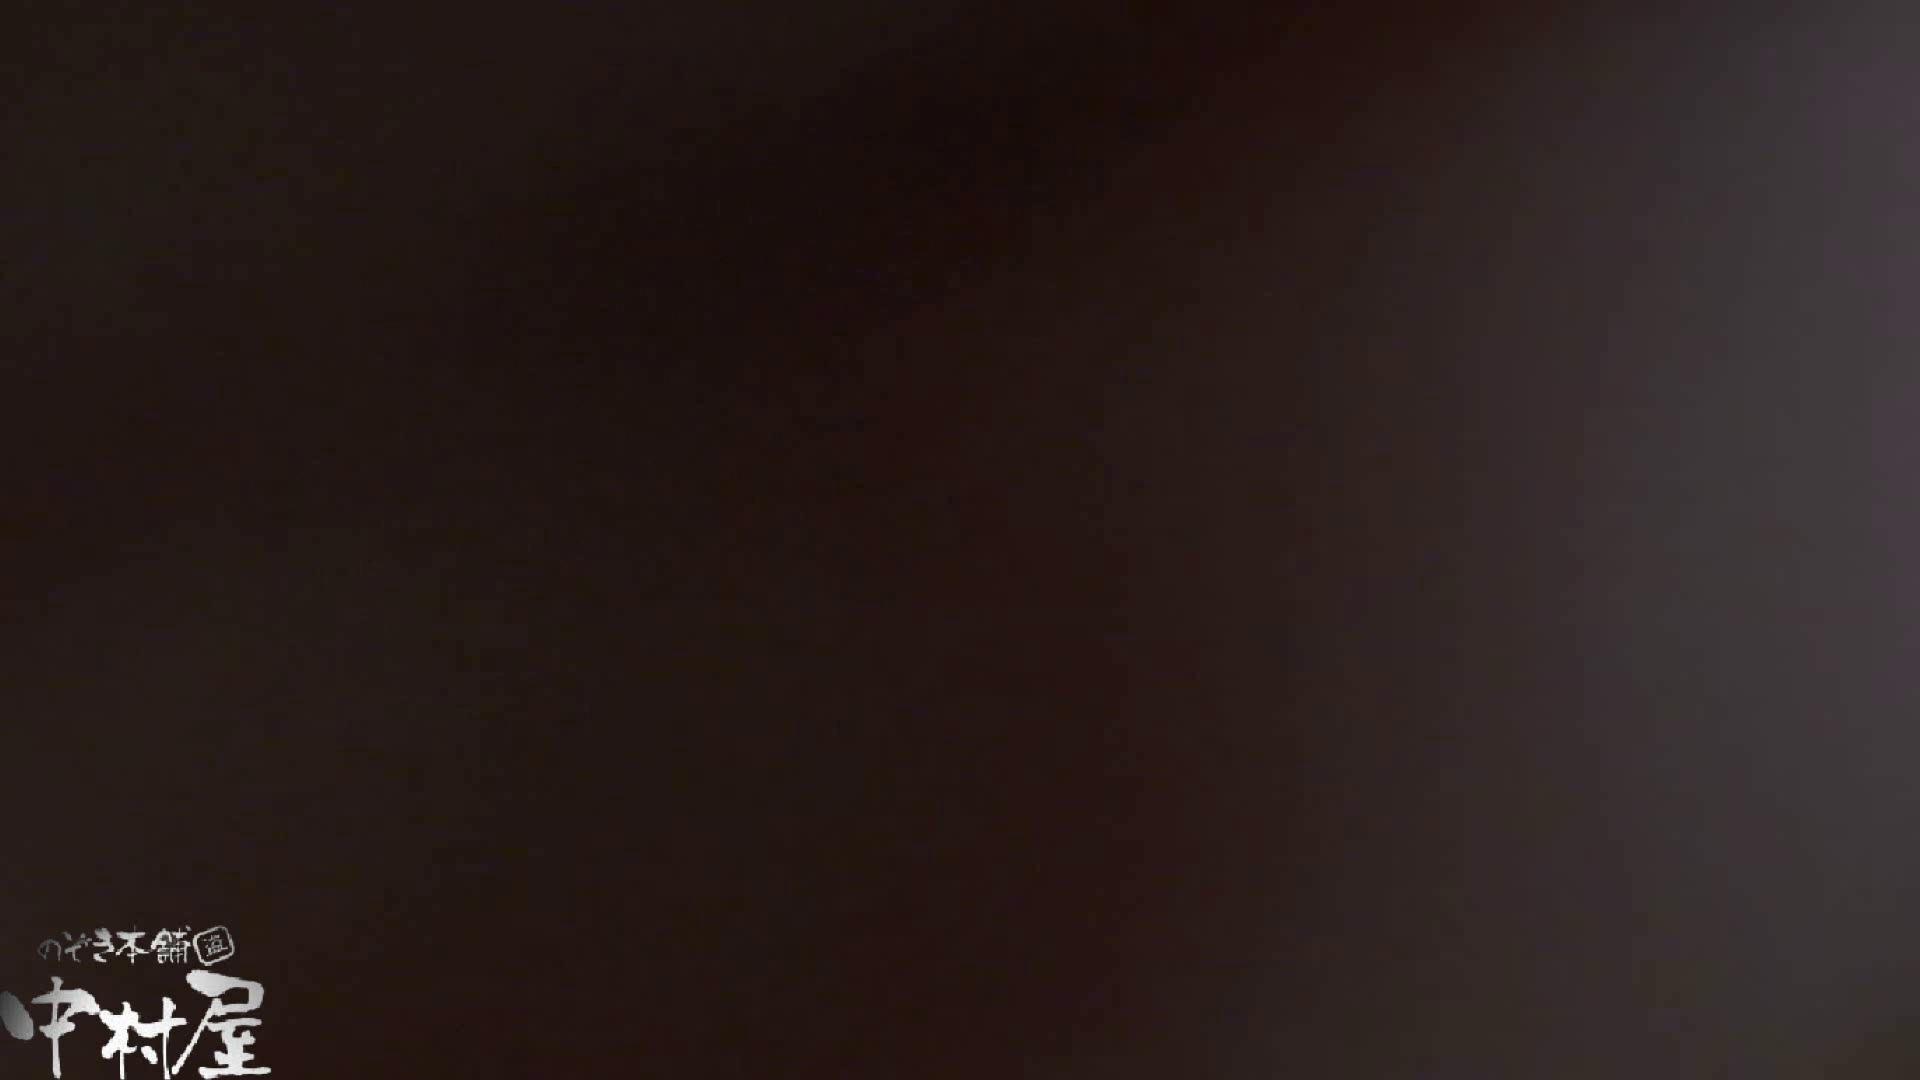 魂のかわや盗撮62連発! ハイソックスギャルの・・・ 20発目! 女体盗撮 | 黄金水  106連発 40